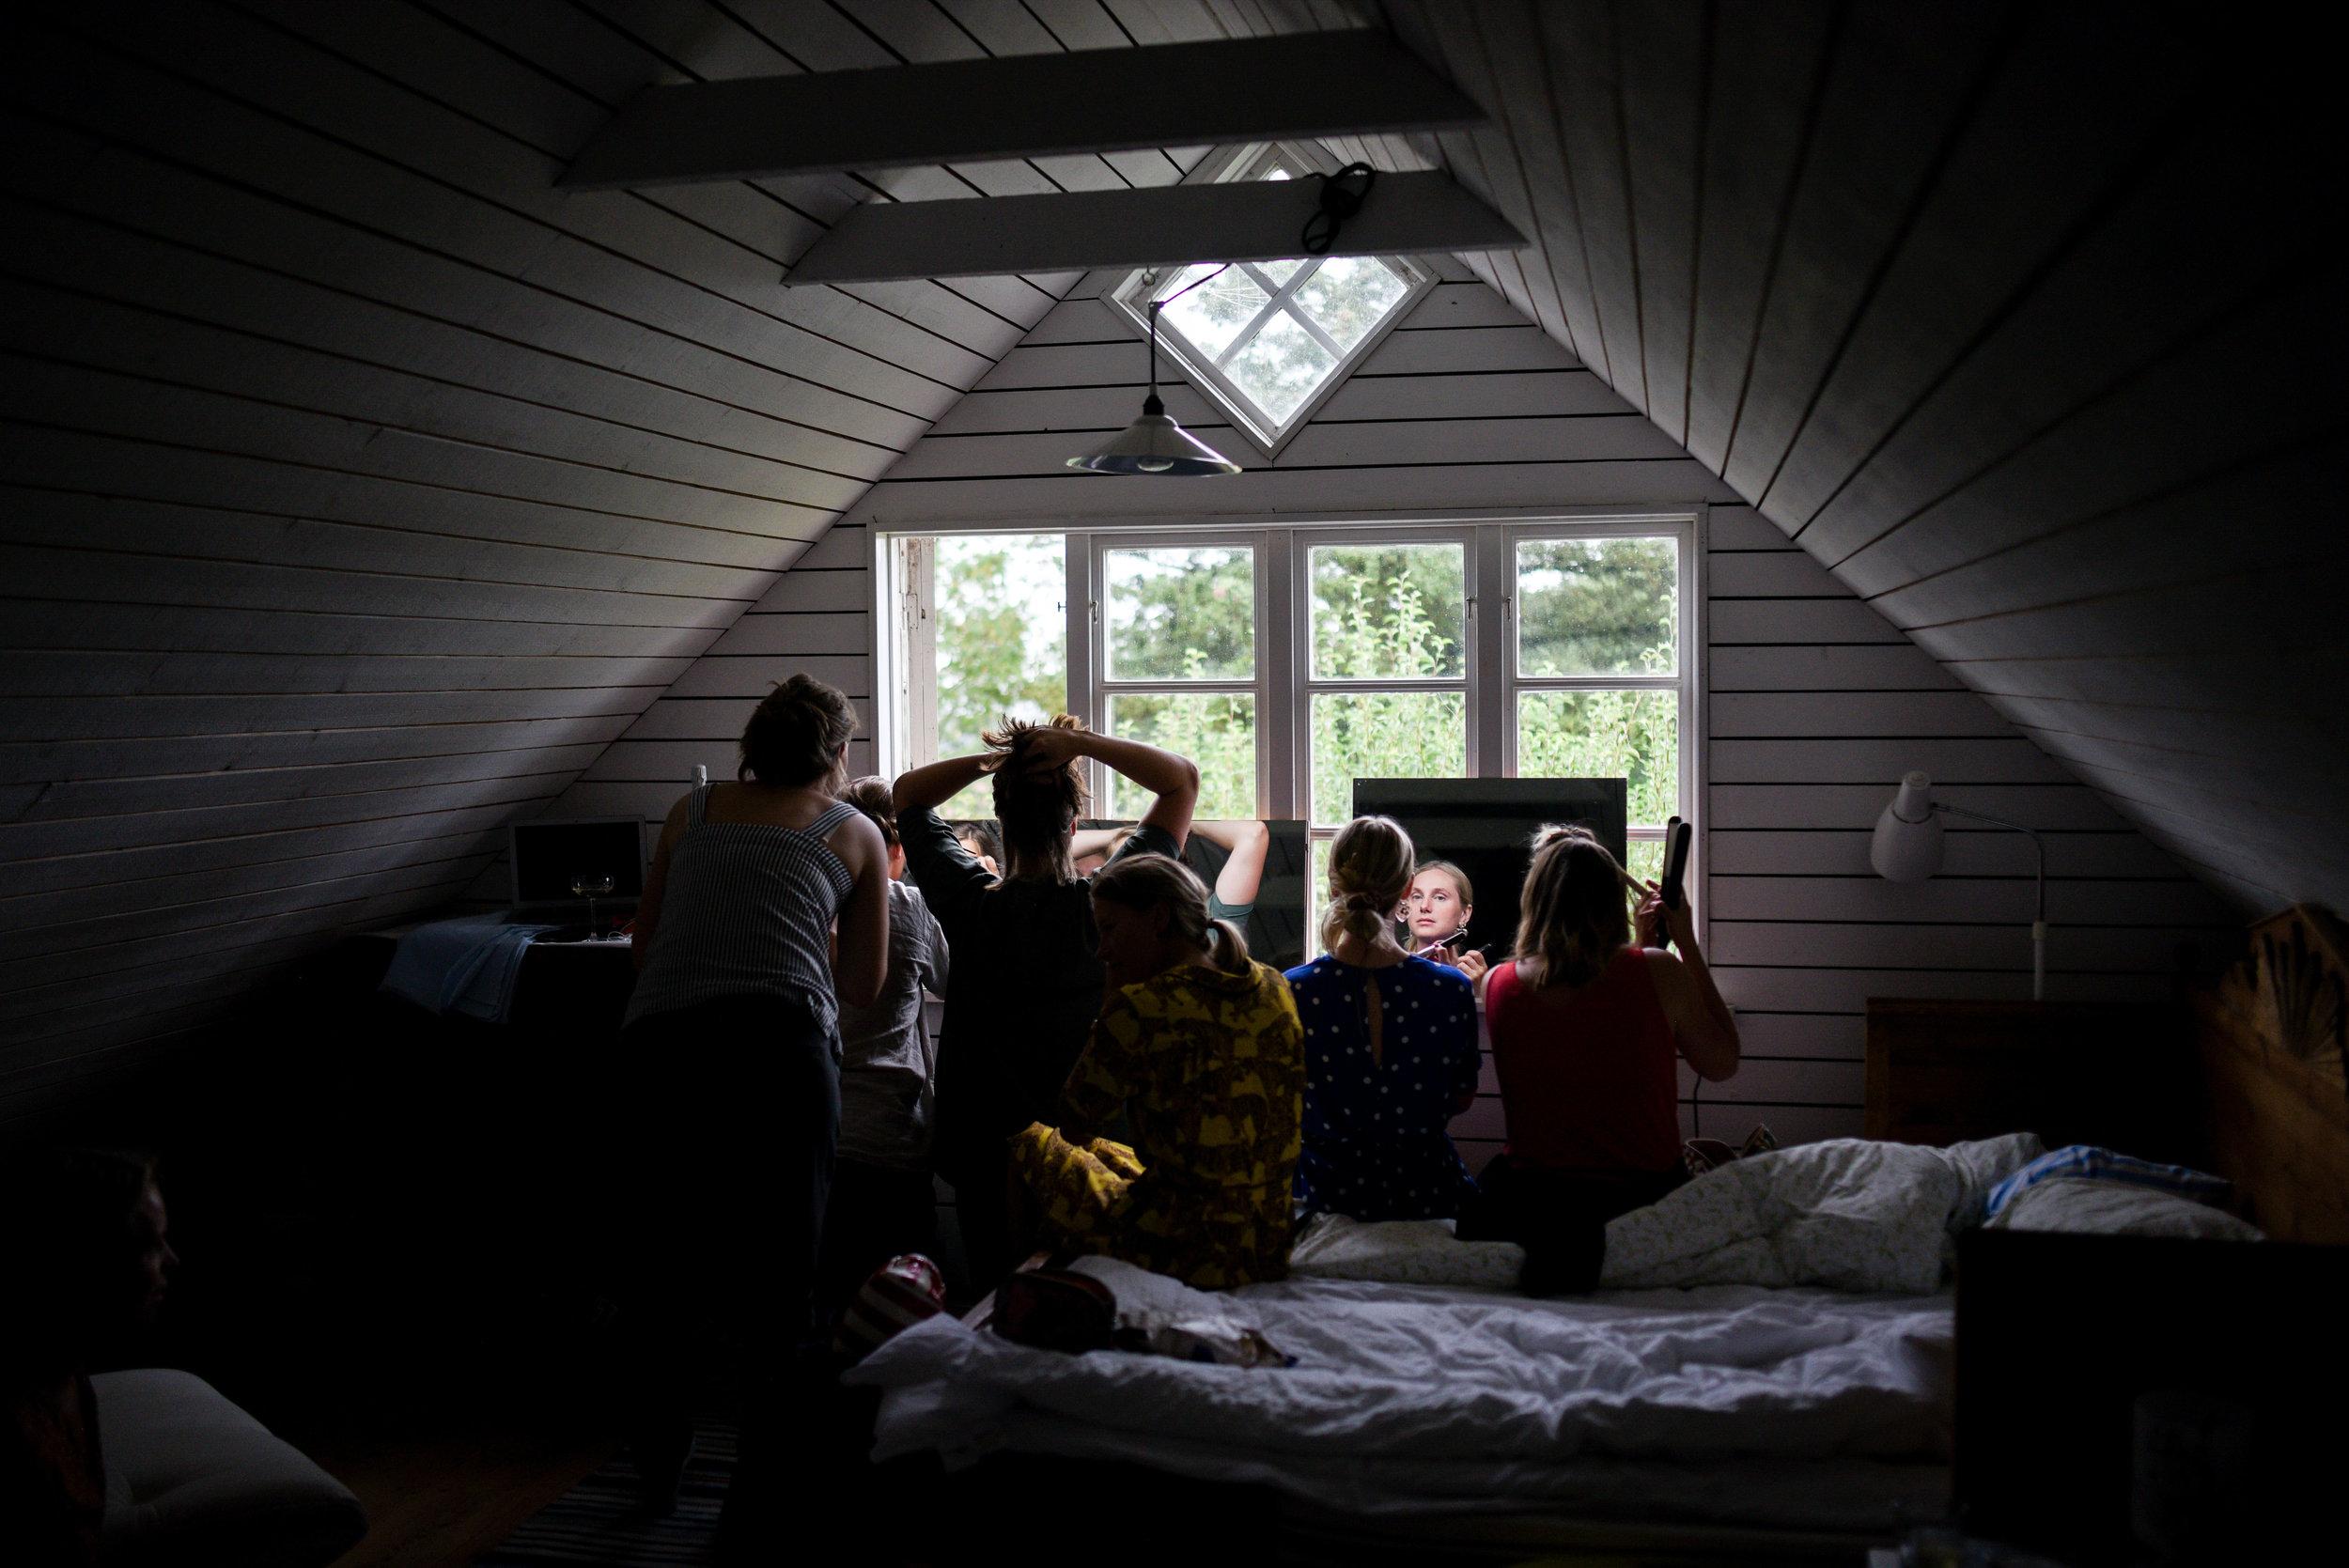 HJ_Bröllop2019_Bästa_Bilderna_Lågkvall-6765.jpg